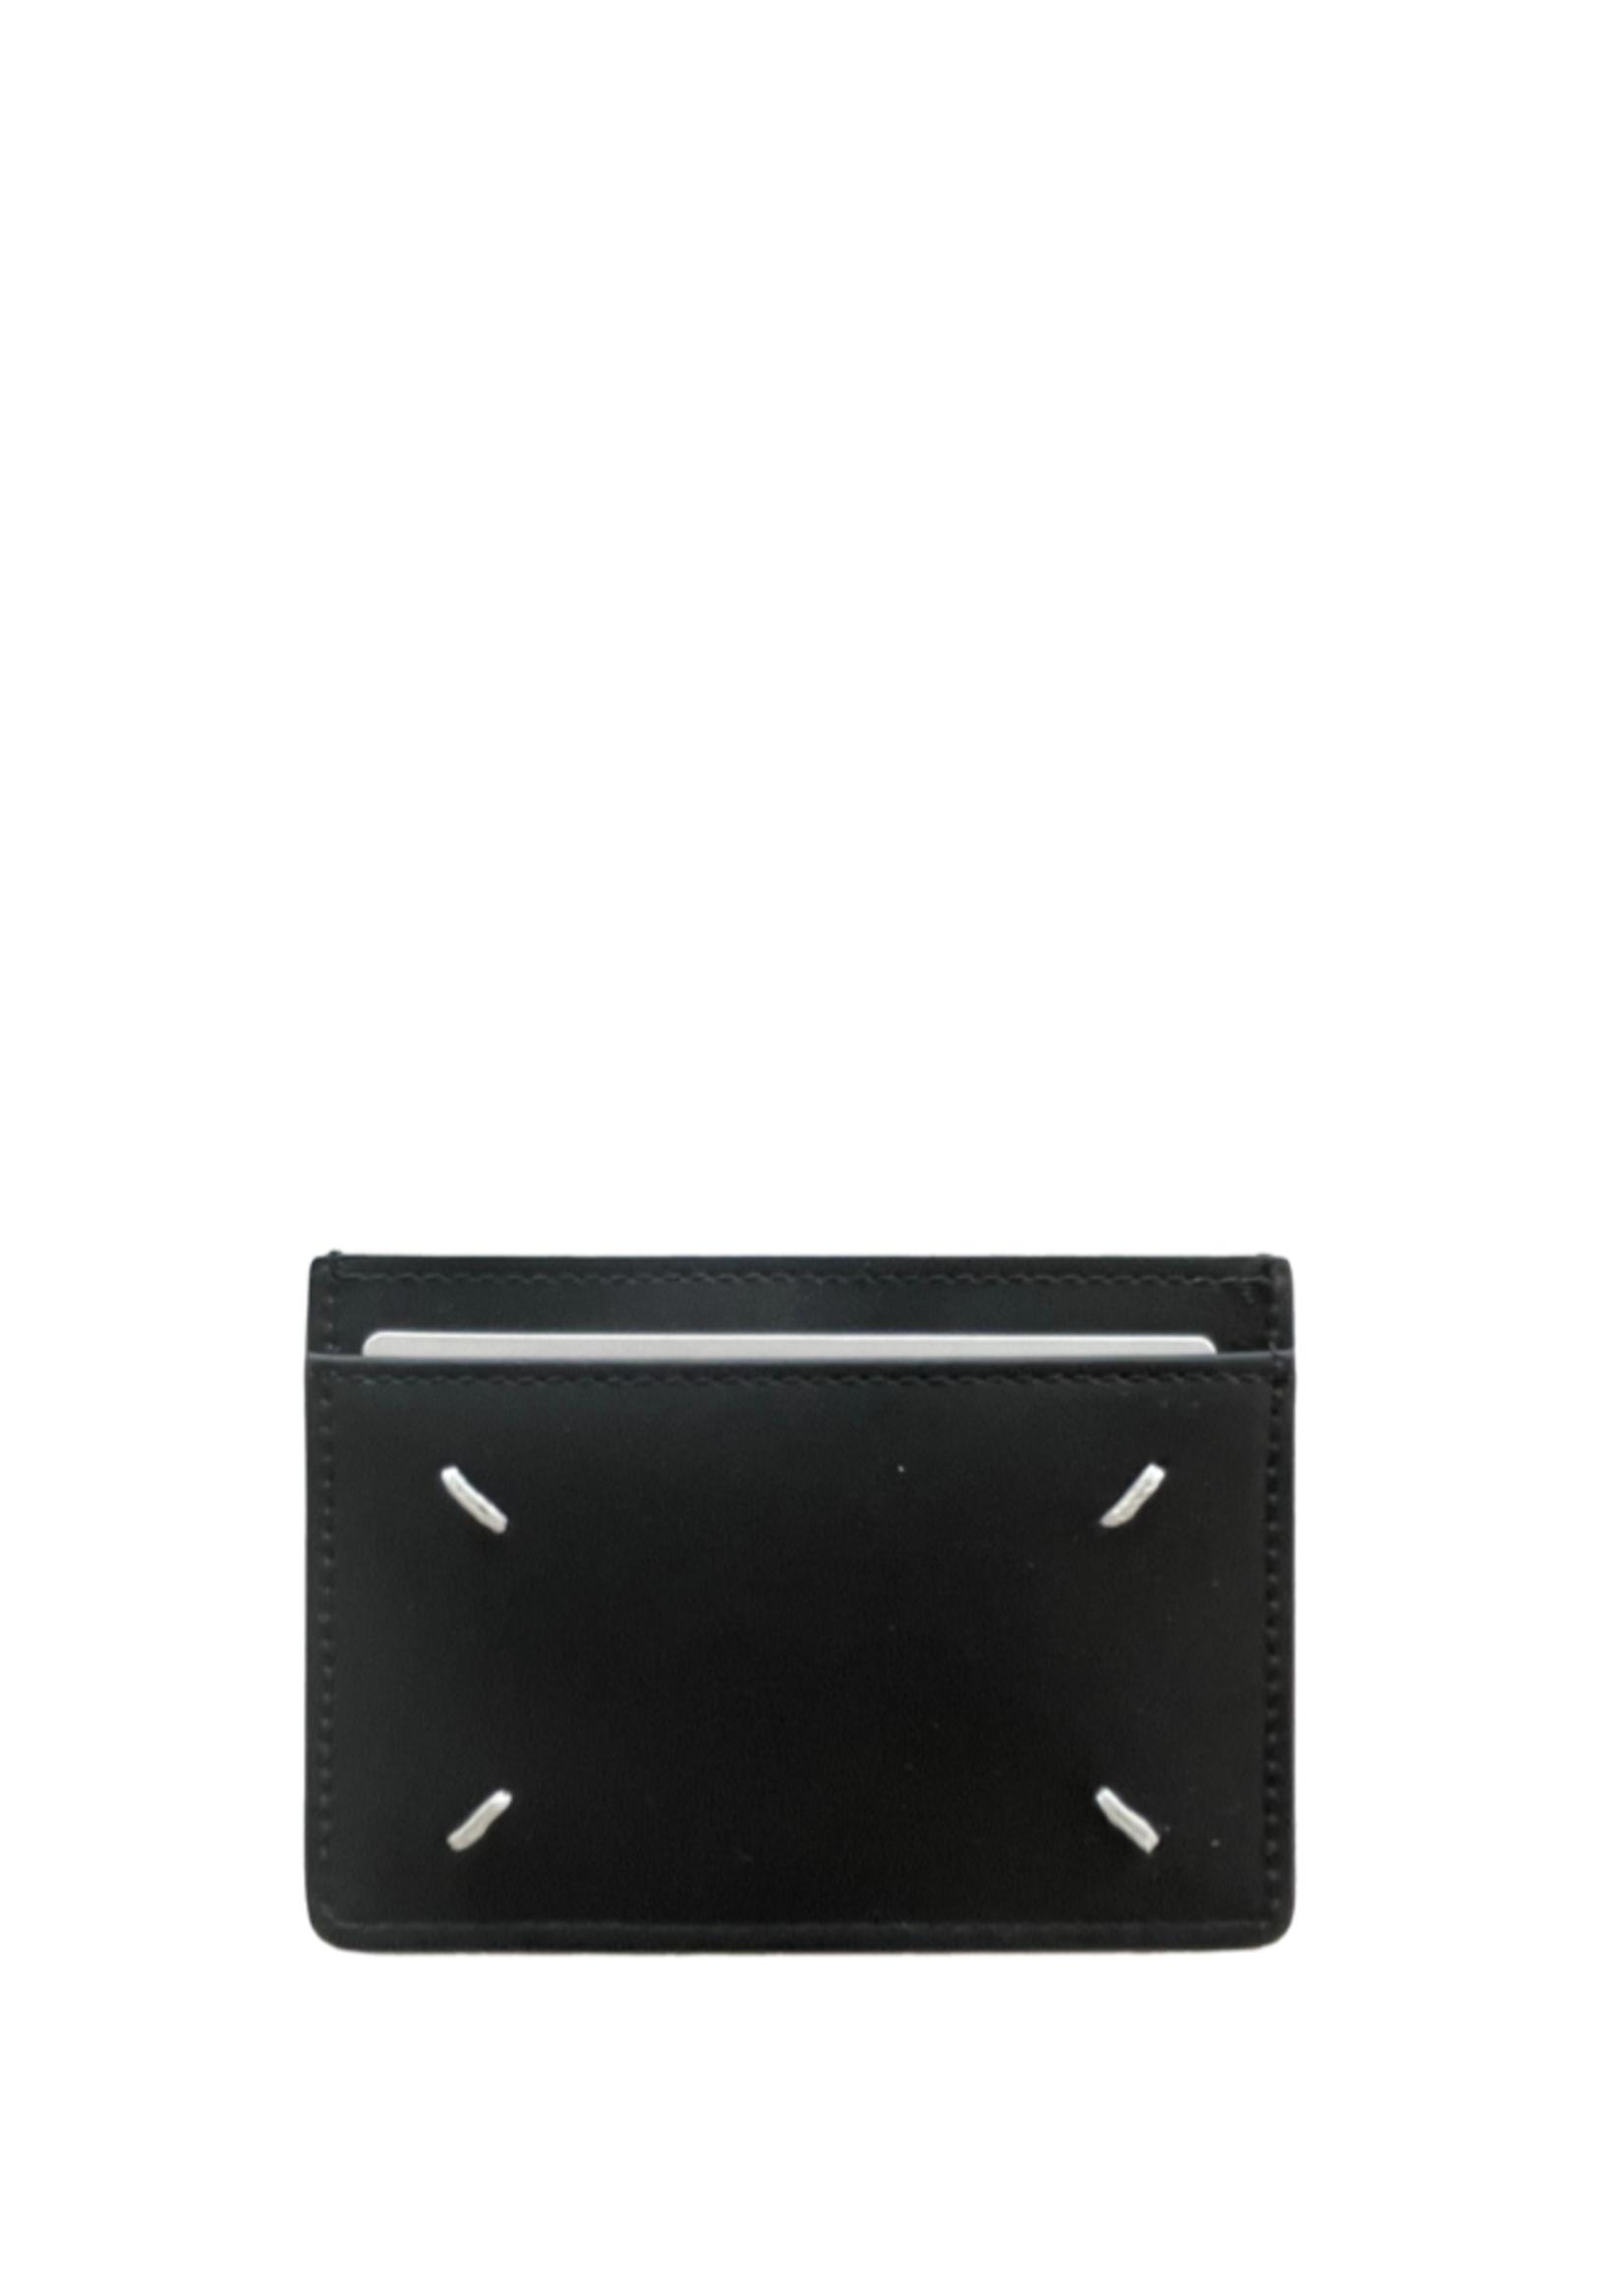 Maison Margiela Card Holder in Black